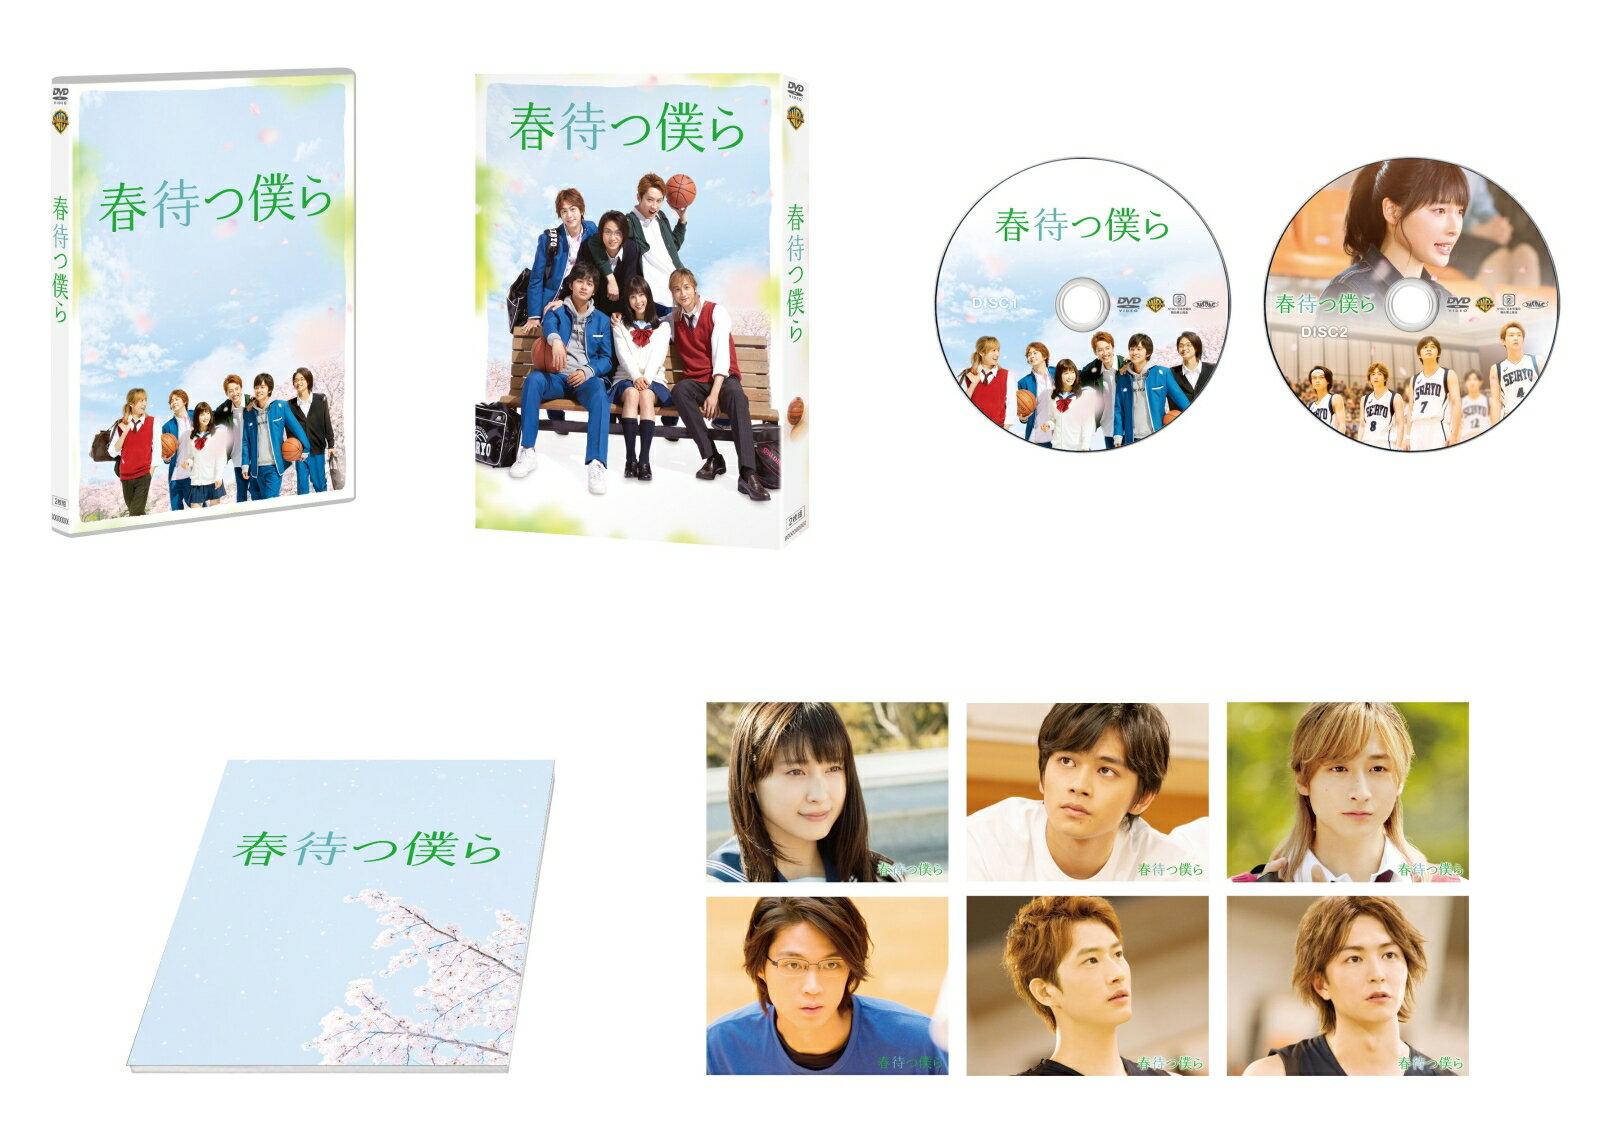 春待つ僕ら DVD プレミアム・エディション(2枚組)(初回仕様)